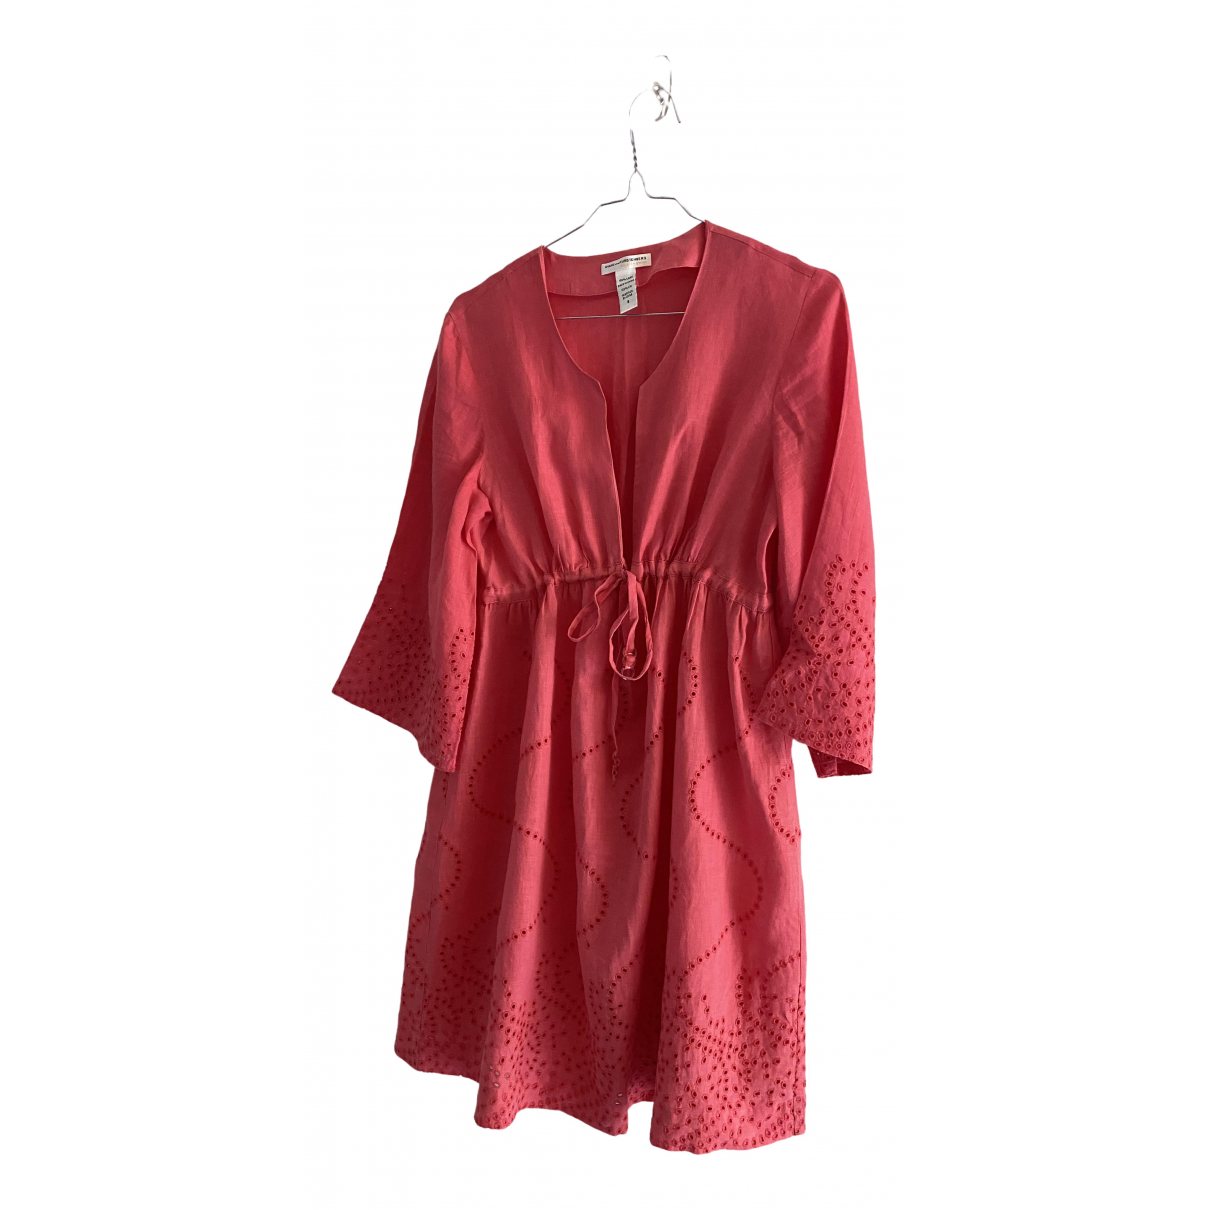 Diane Von Furstenberg \N Pink Linen dress for Women S International